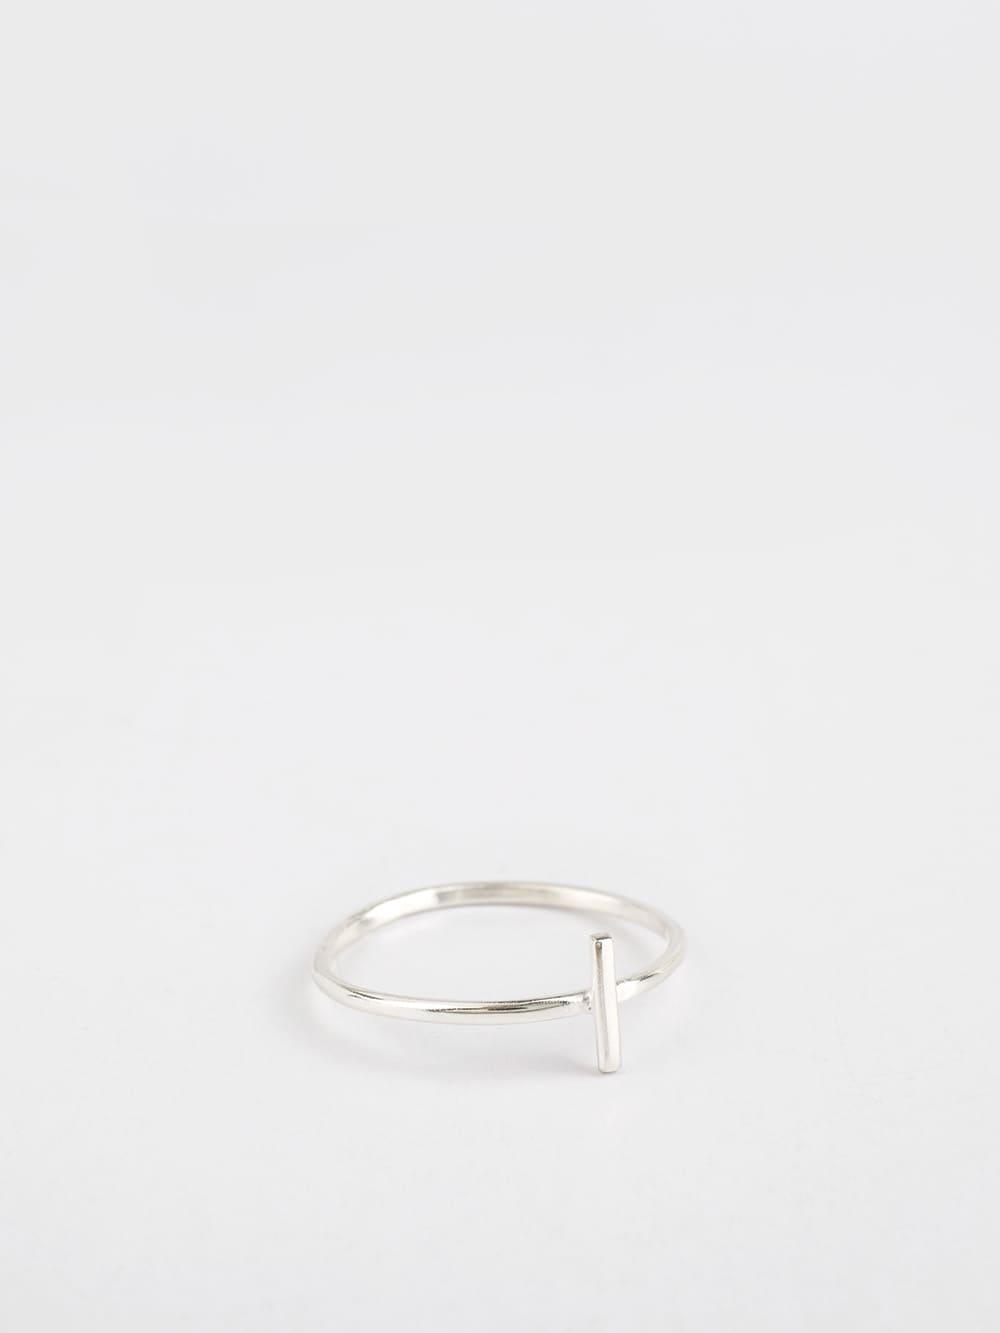 anillo de plata para mujer 1 barra creado a mano por Marteliè joyasmarket